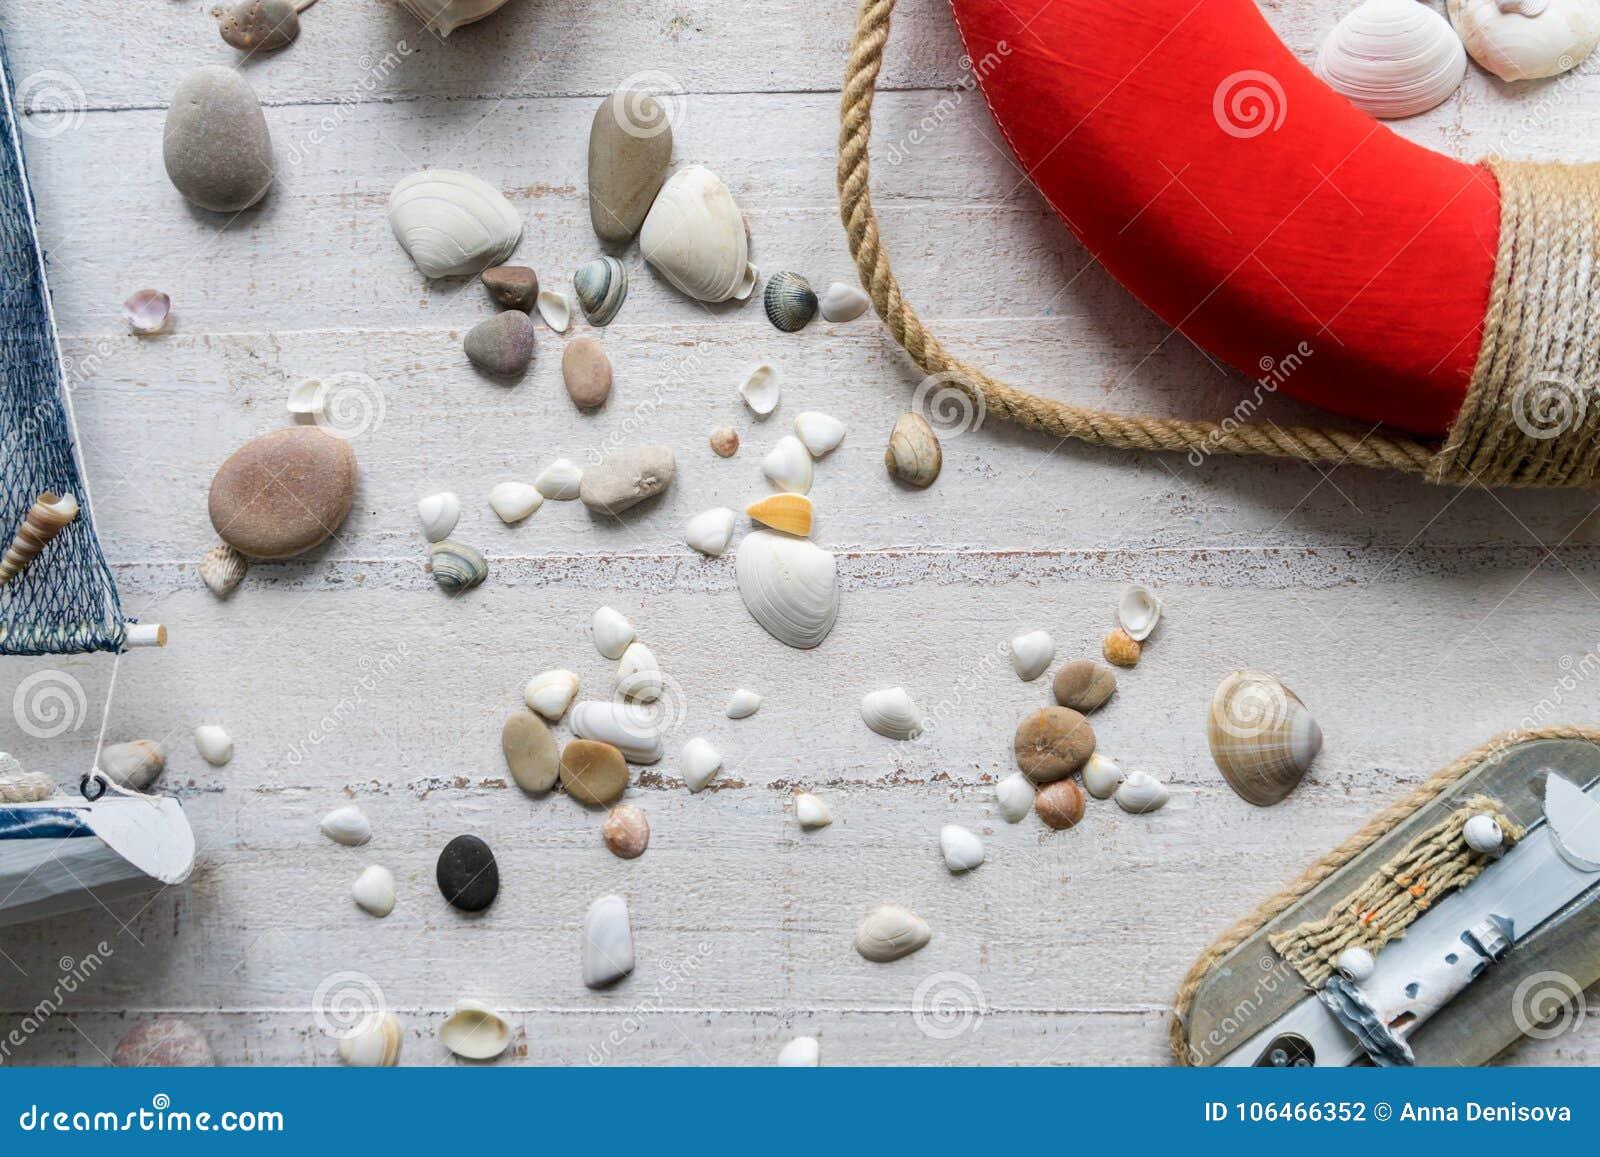 Decorazioni In Legno Per Bambini : Decorazioni di tema del mare della stanza dei bambini fotografia